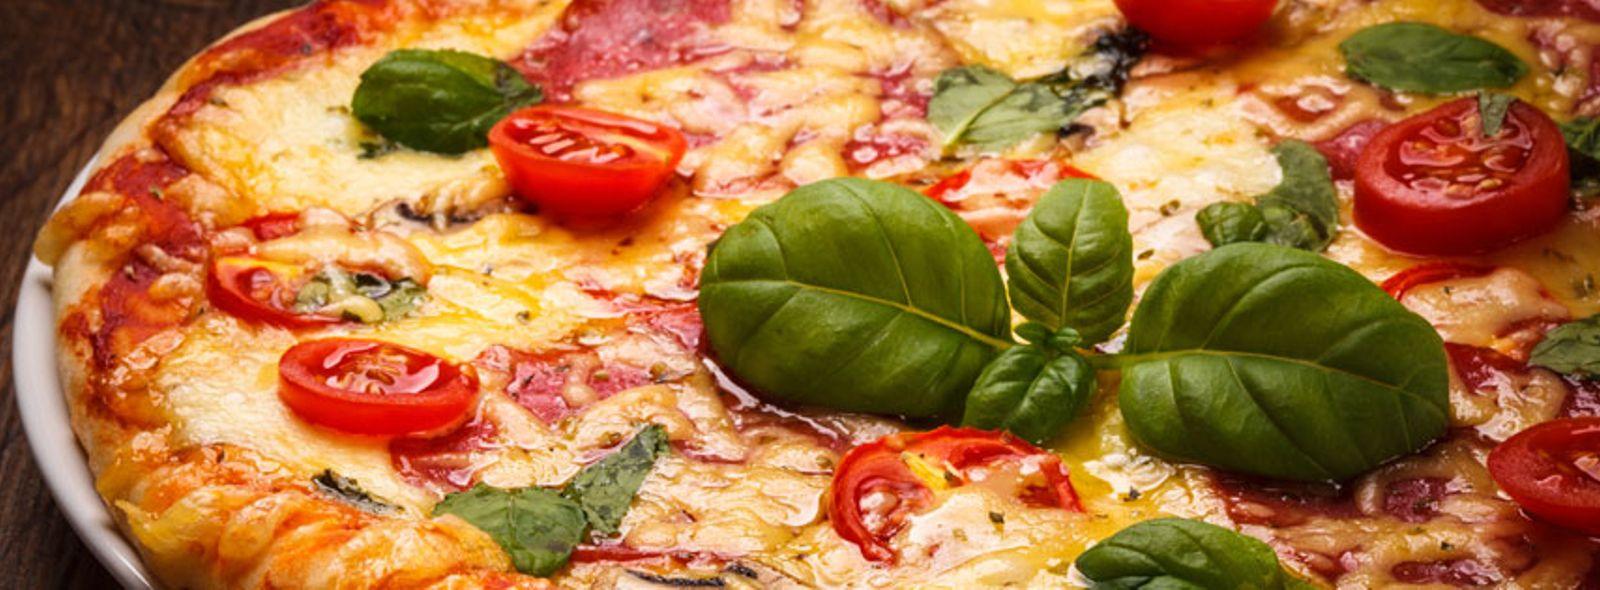 Quanto guadagna un pizzaiolo?